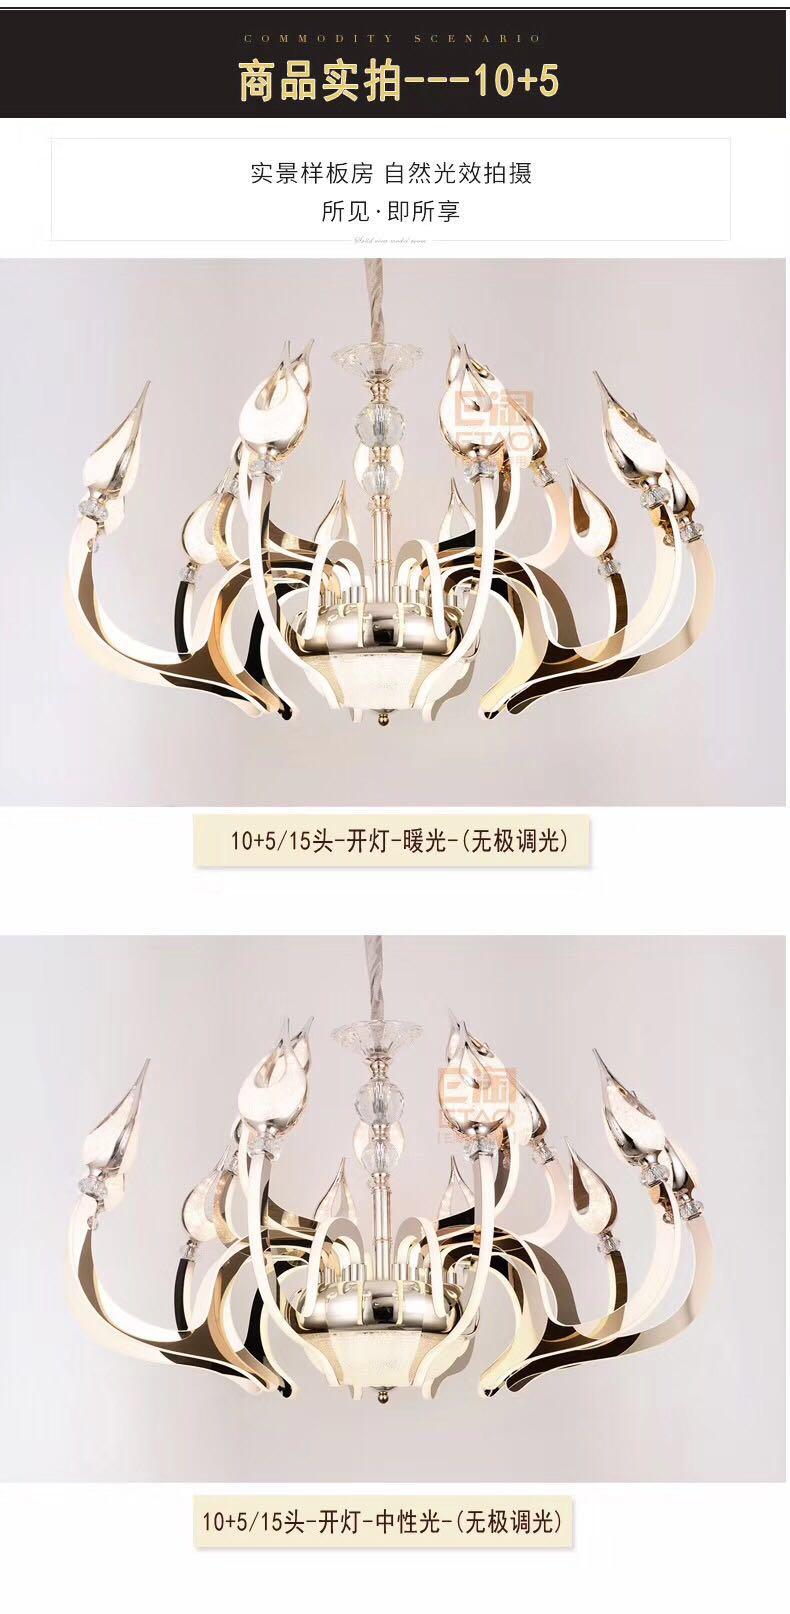 广州華普旭照明科技有限公司欧式现代吊灯厂家直销  欧式现代吊灯厂家批发